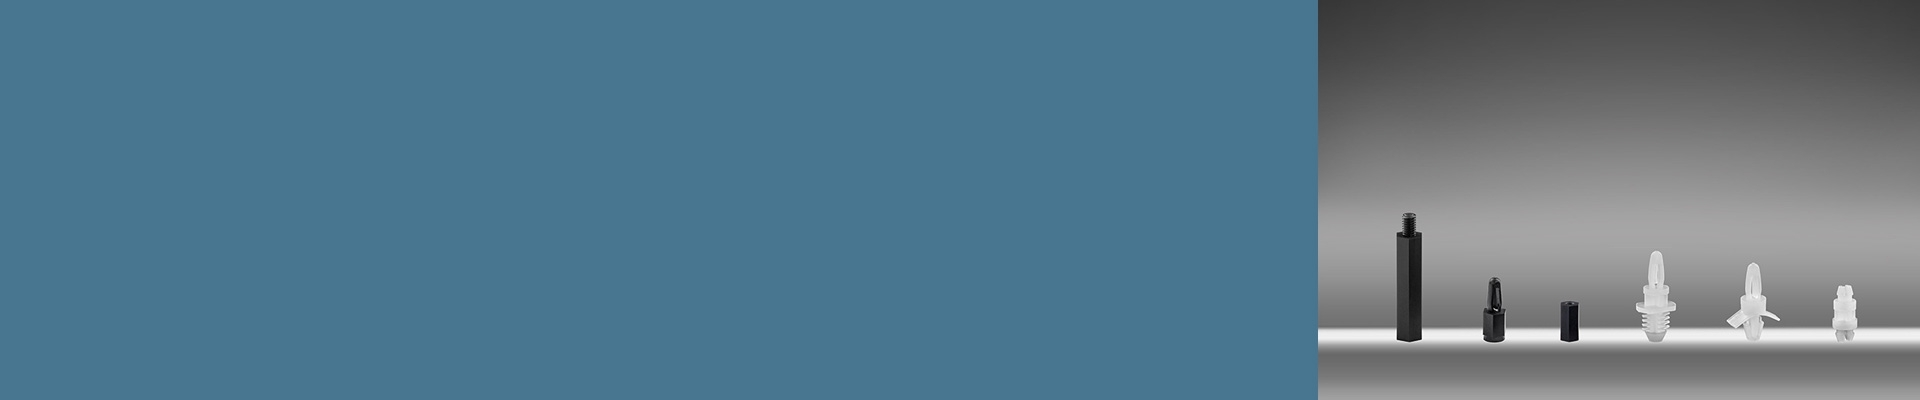 Leiterplatten - Abstandshalter - Befestiguns-Systeme & PCB Zubehör